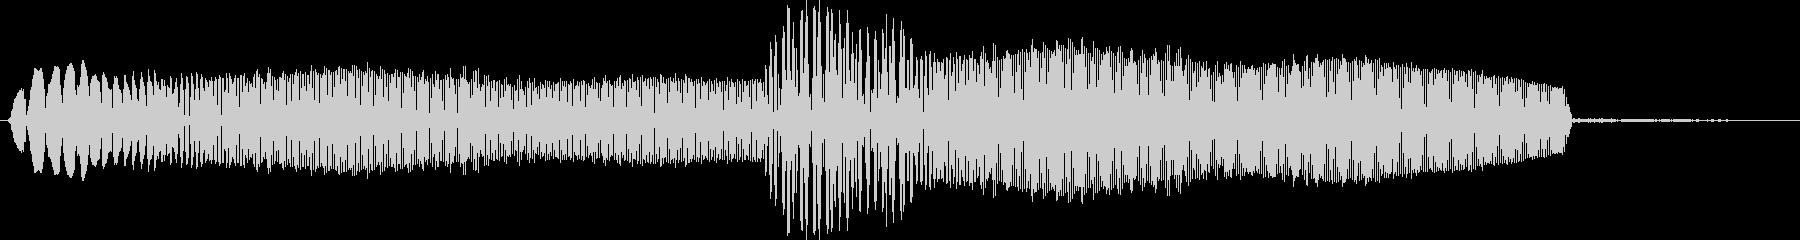 キュピ 選択音 システム音の未再生の波形